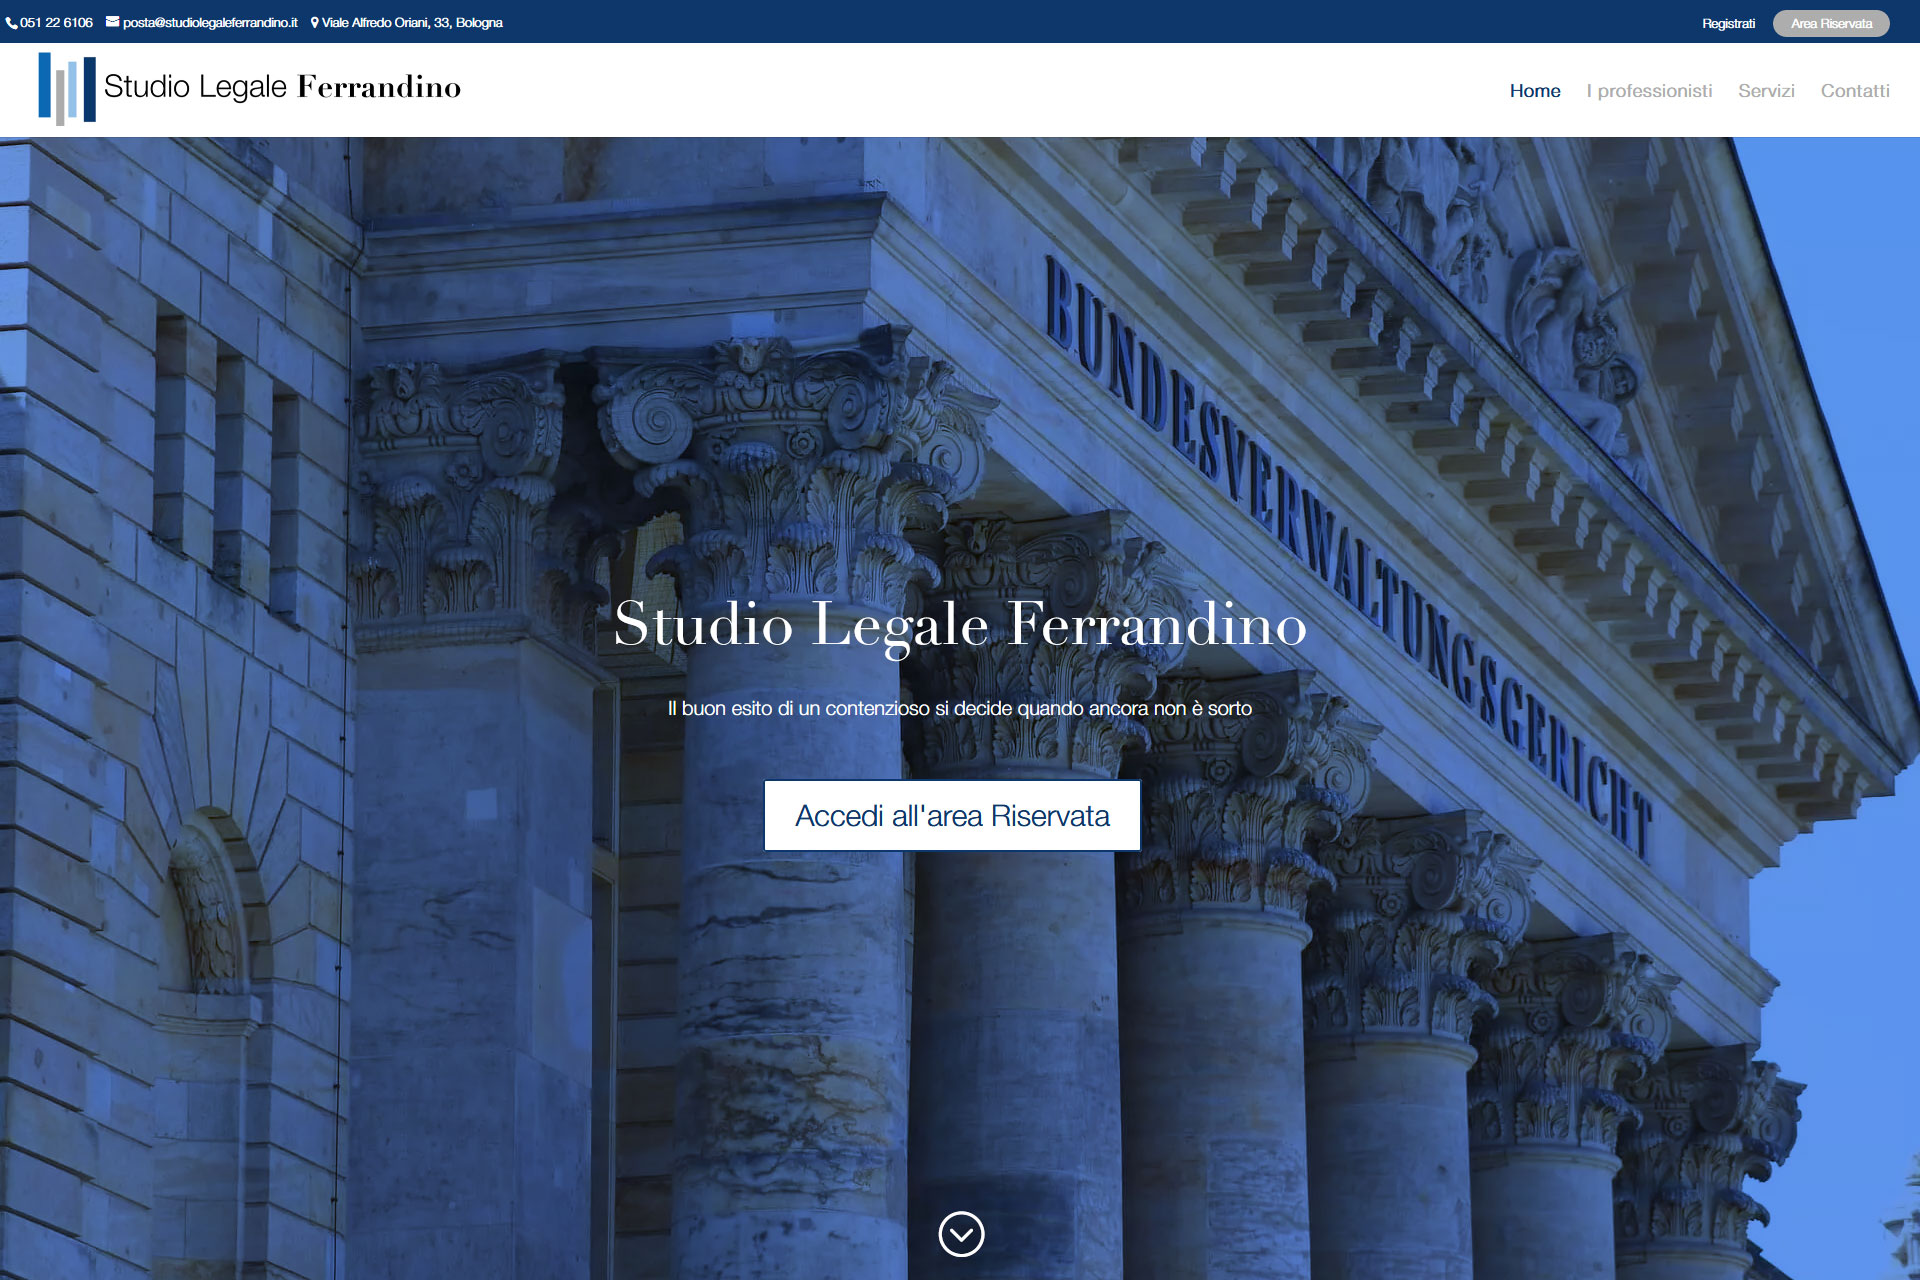 lv-design-realizzazione-siti-web-bologna-portfolio-studio-legale-ferrandino-slide-1